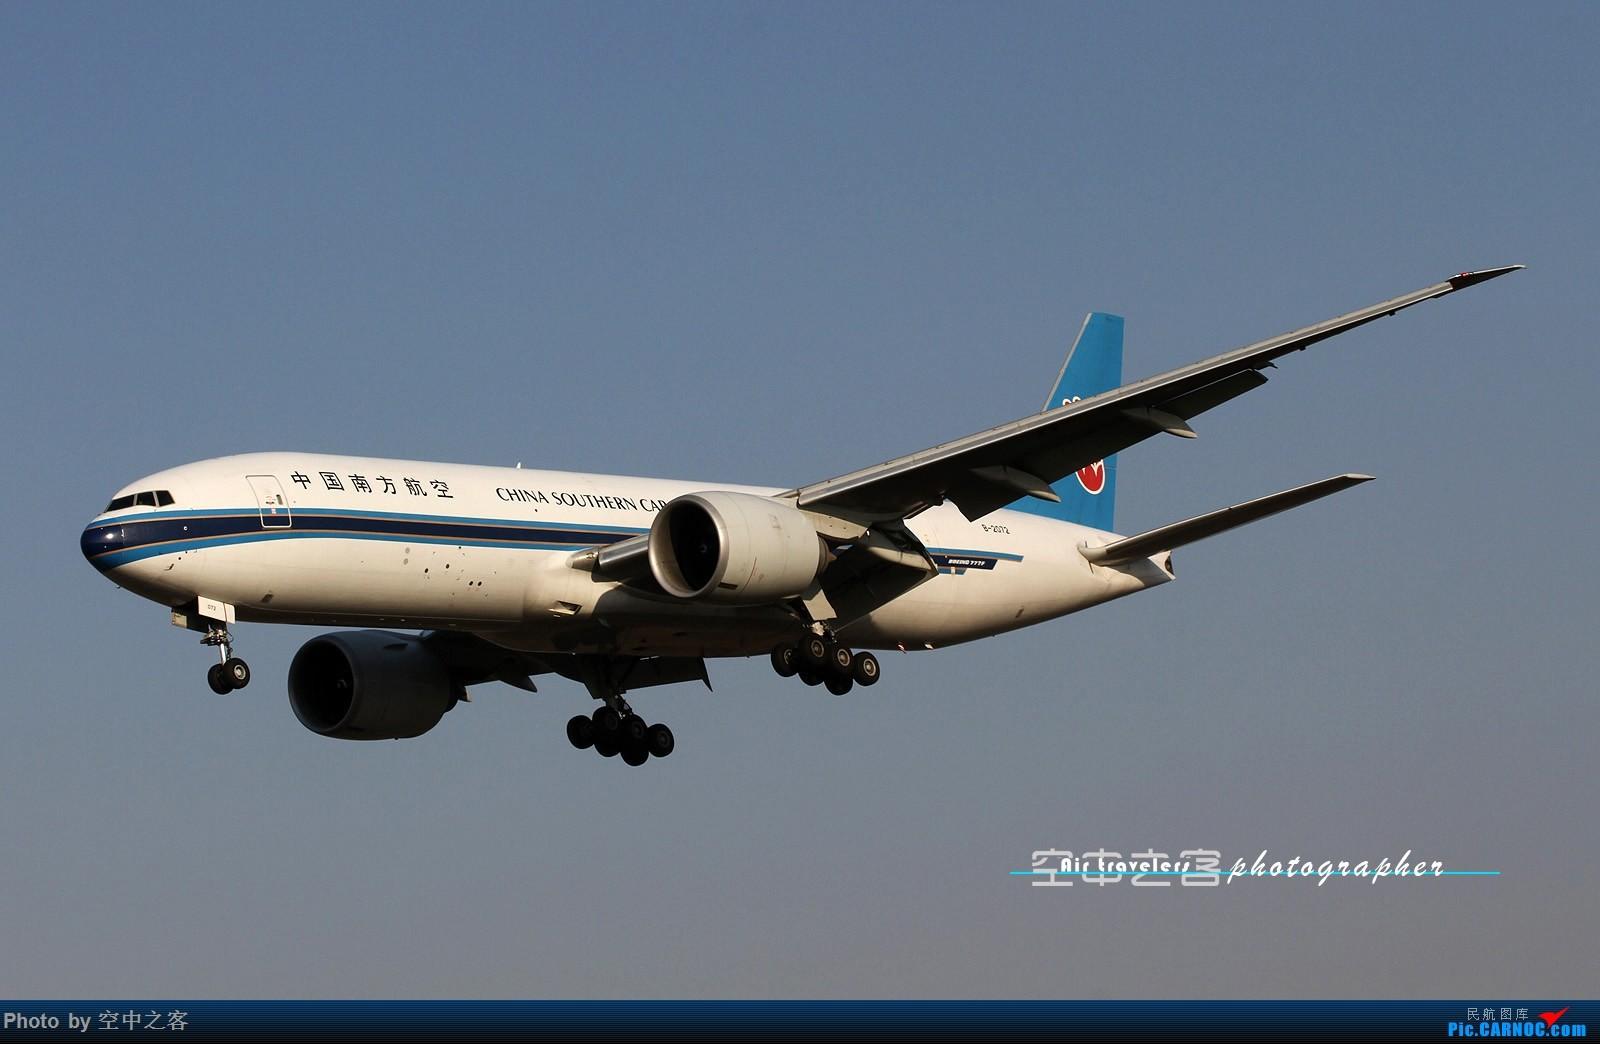 [原创][合肥飞友会·霸都打机队]空中之客出品 大佬在利马 我在新机场看南货航大飞机来加油(2) BOEING 777-200 B-2072 合肥新桥国际机场